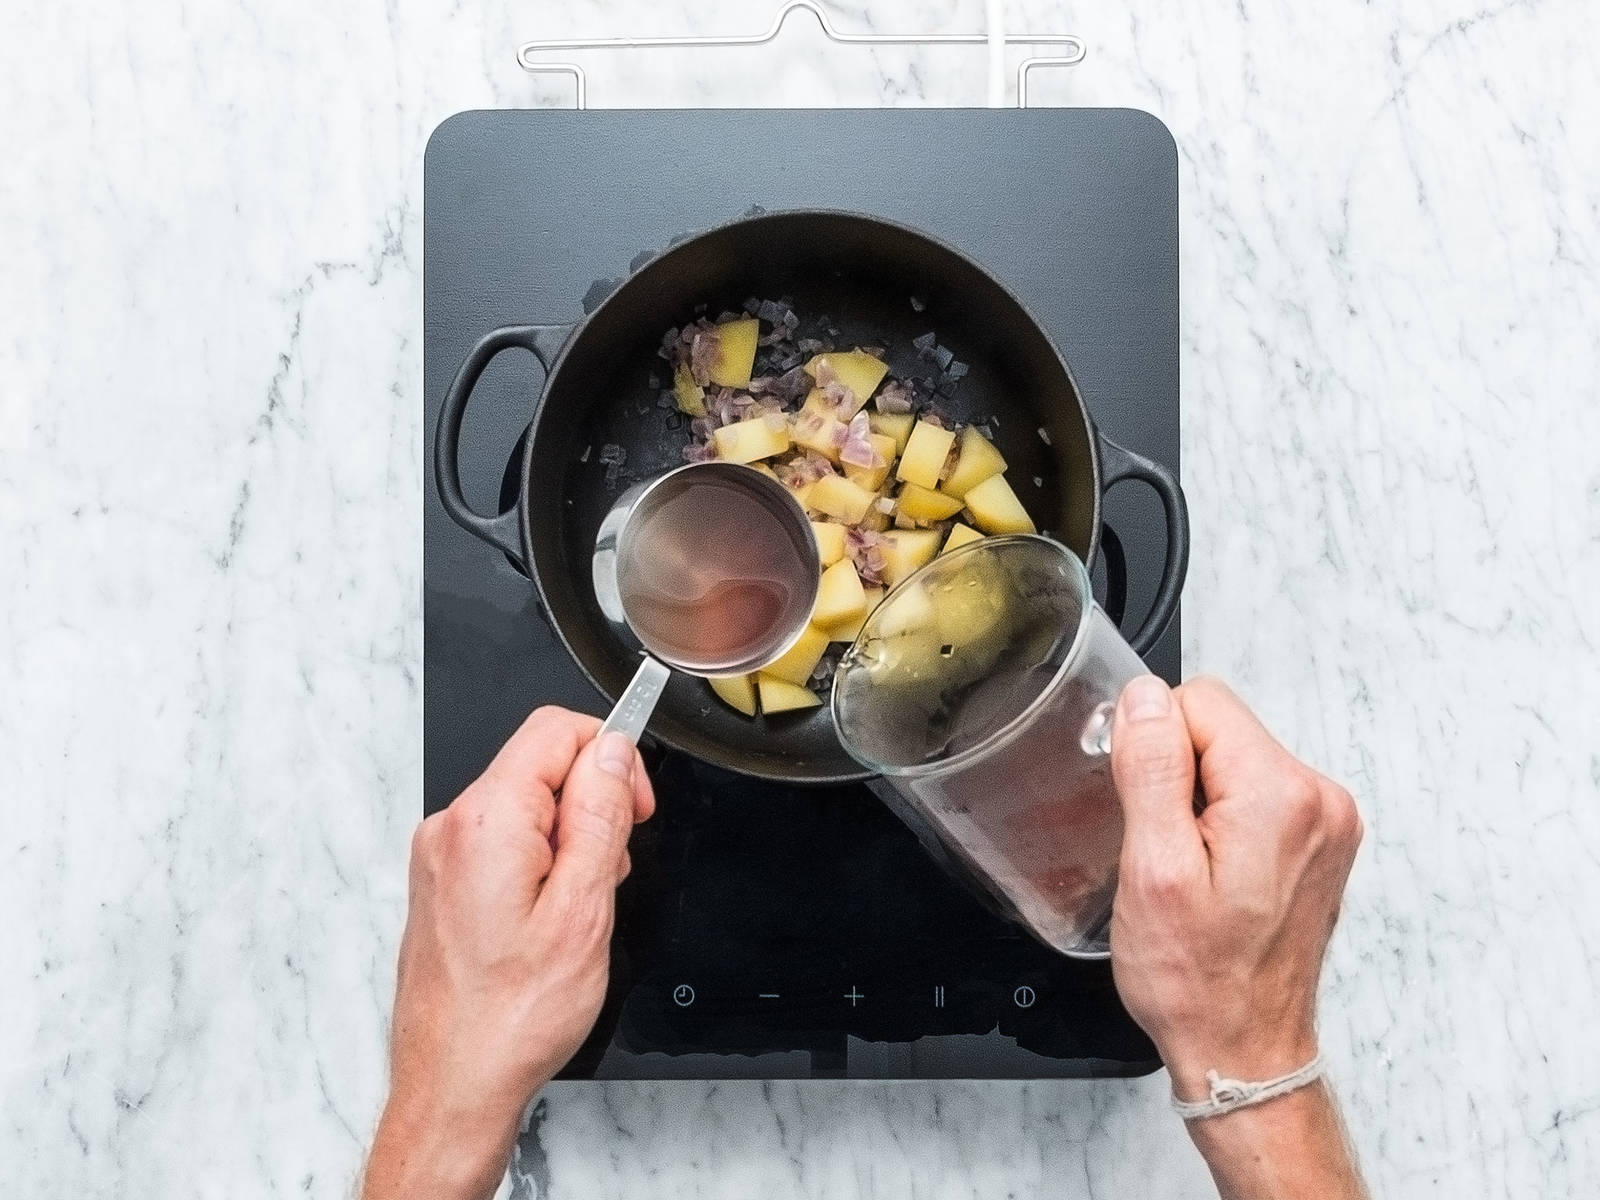 将洋葱和土豆去皮后切丁,然后倒入锅中,倒水没过,煮15分钟,将其煮软。留出一些煮菜水并捞出洋葱、土豆,置于一旁。